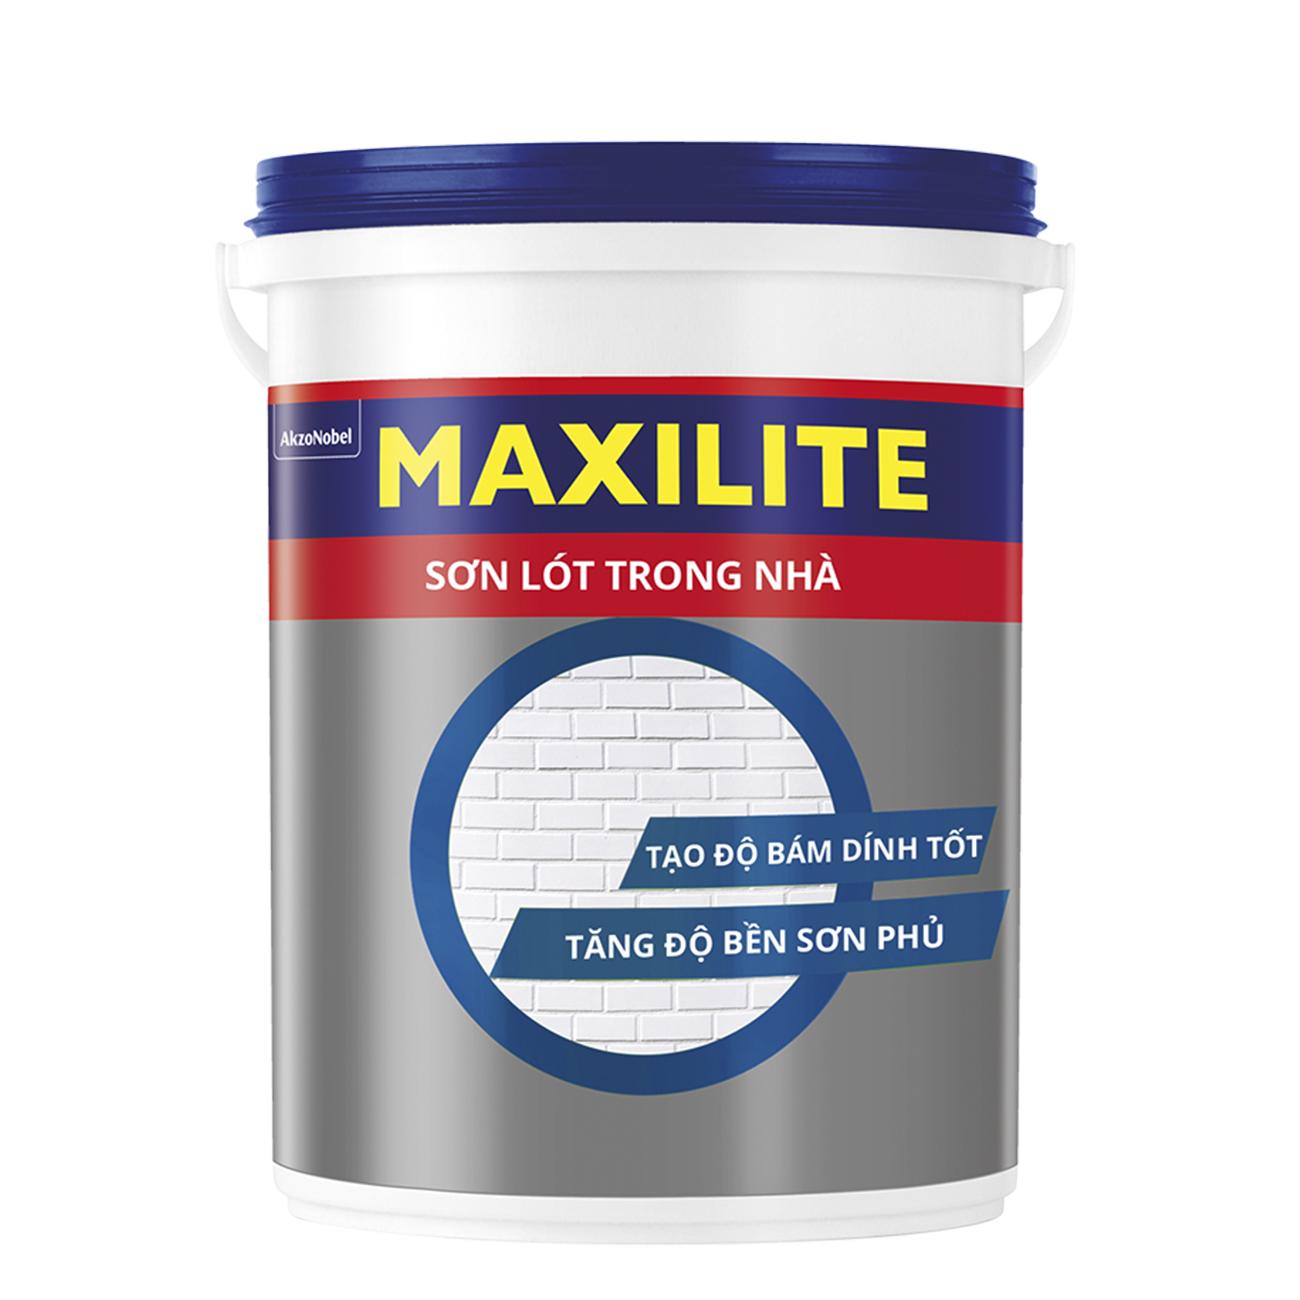 SƠN LÓT TRONG NHÀ MAXILITE 5 LÍT